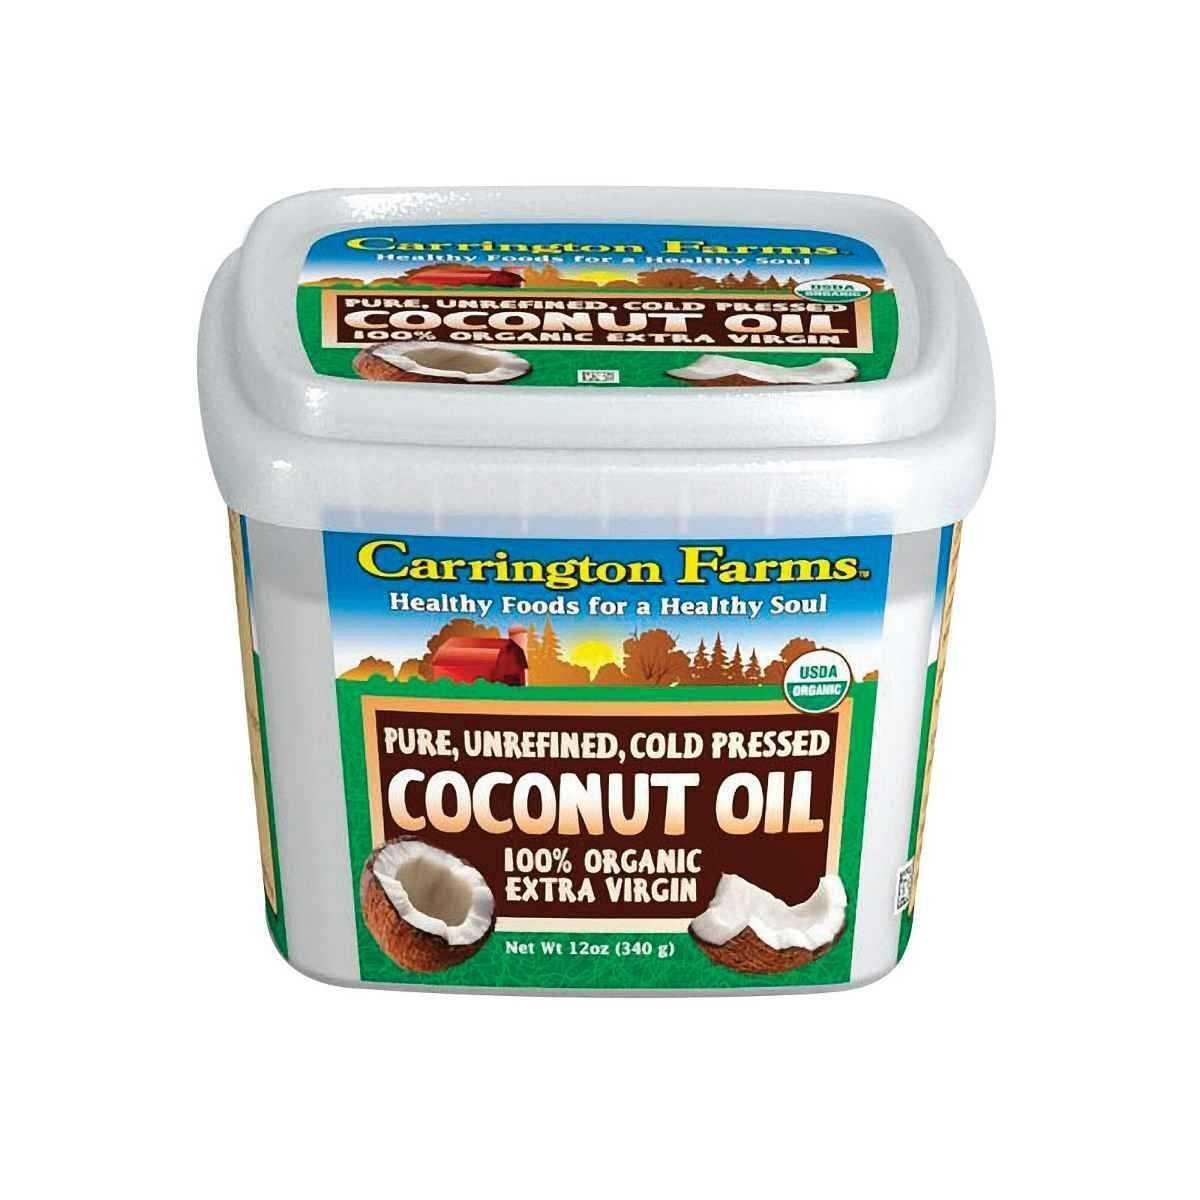 Carrington Farms Organic Extra Virgin Coconut Oil, 12 Fluid Ounce Tub - 6 per case.